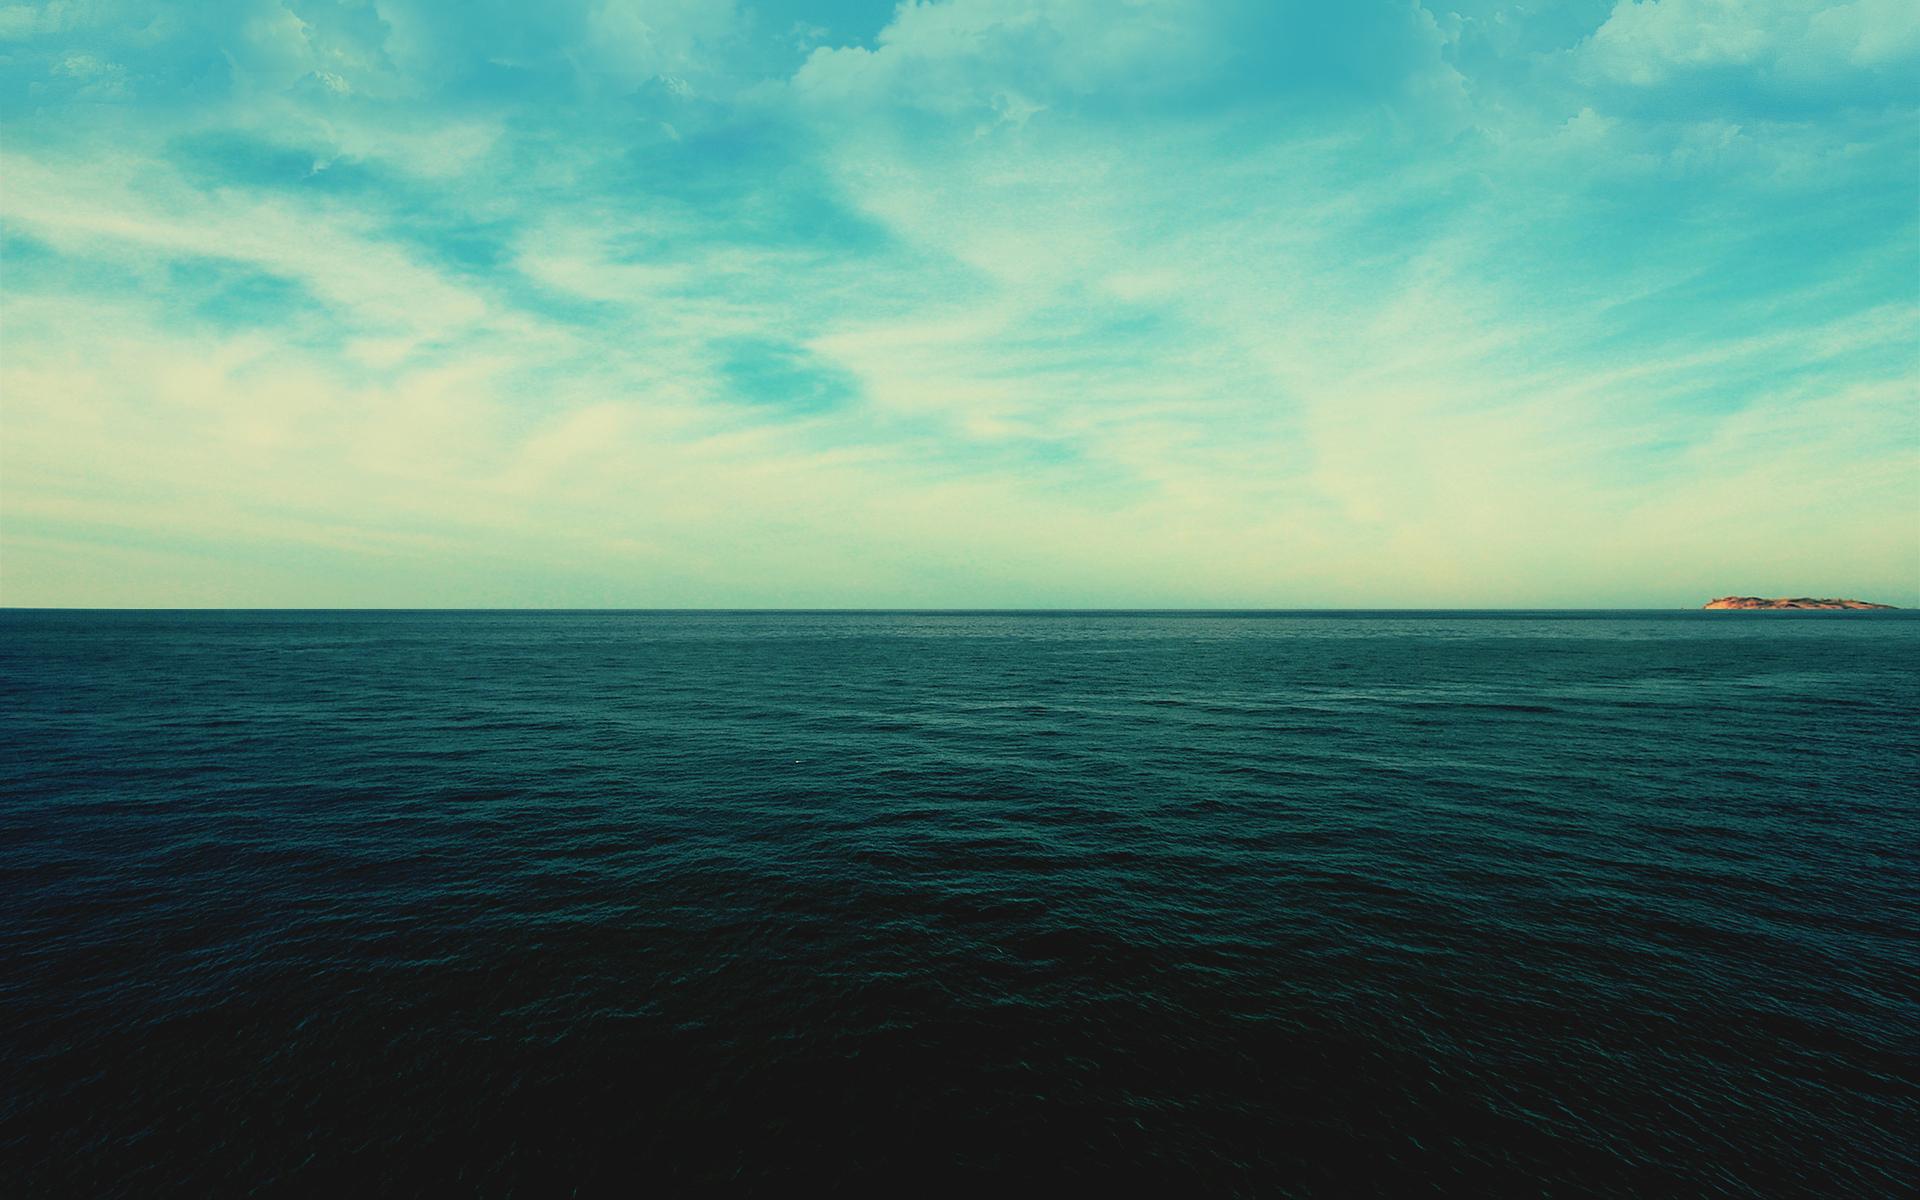 beautiful ocean pictures 30337